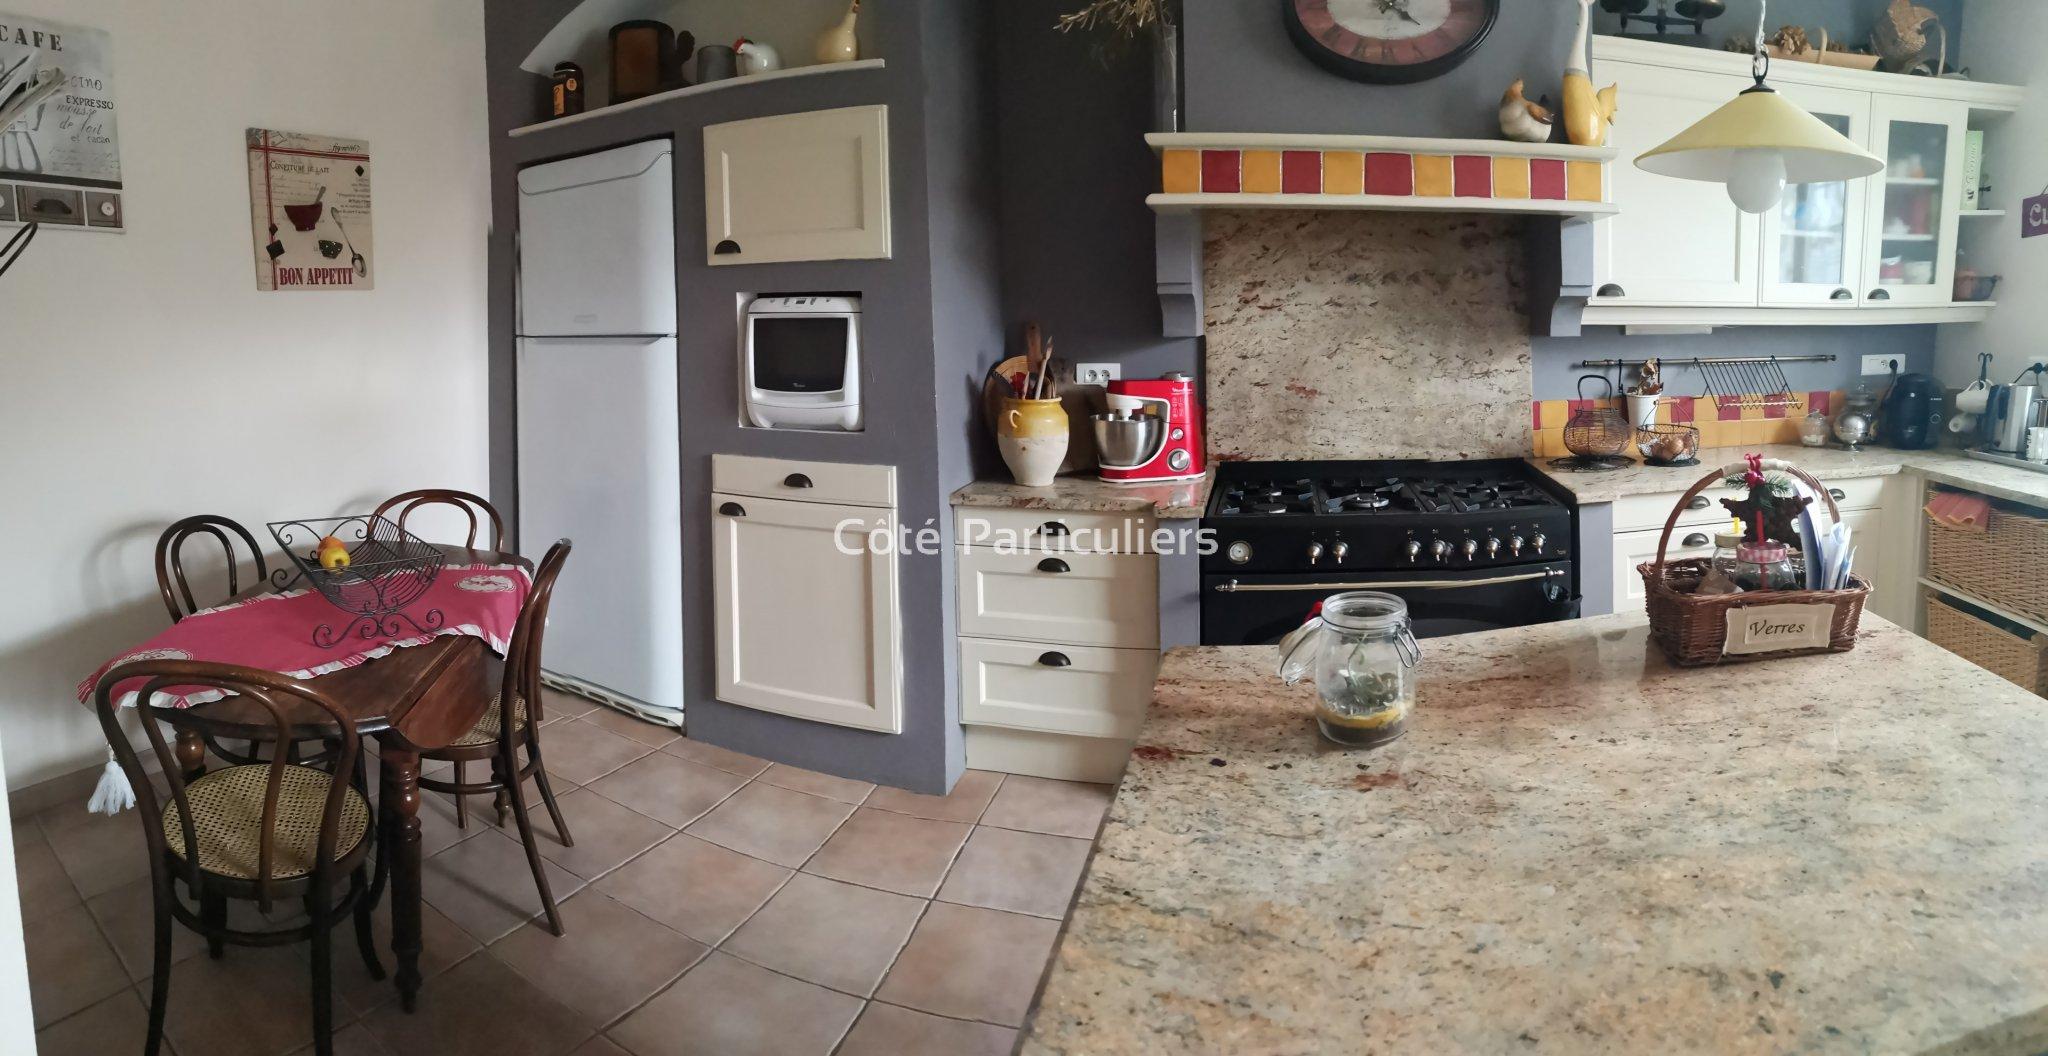 Vente Maison 160 M² - Grazailles - Piscine intérieur Piscine Grazailles